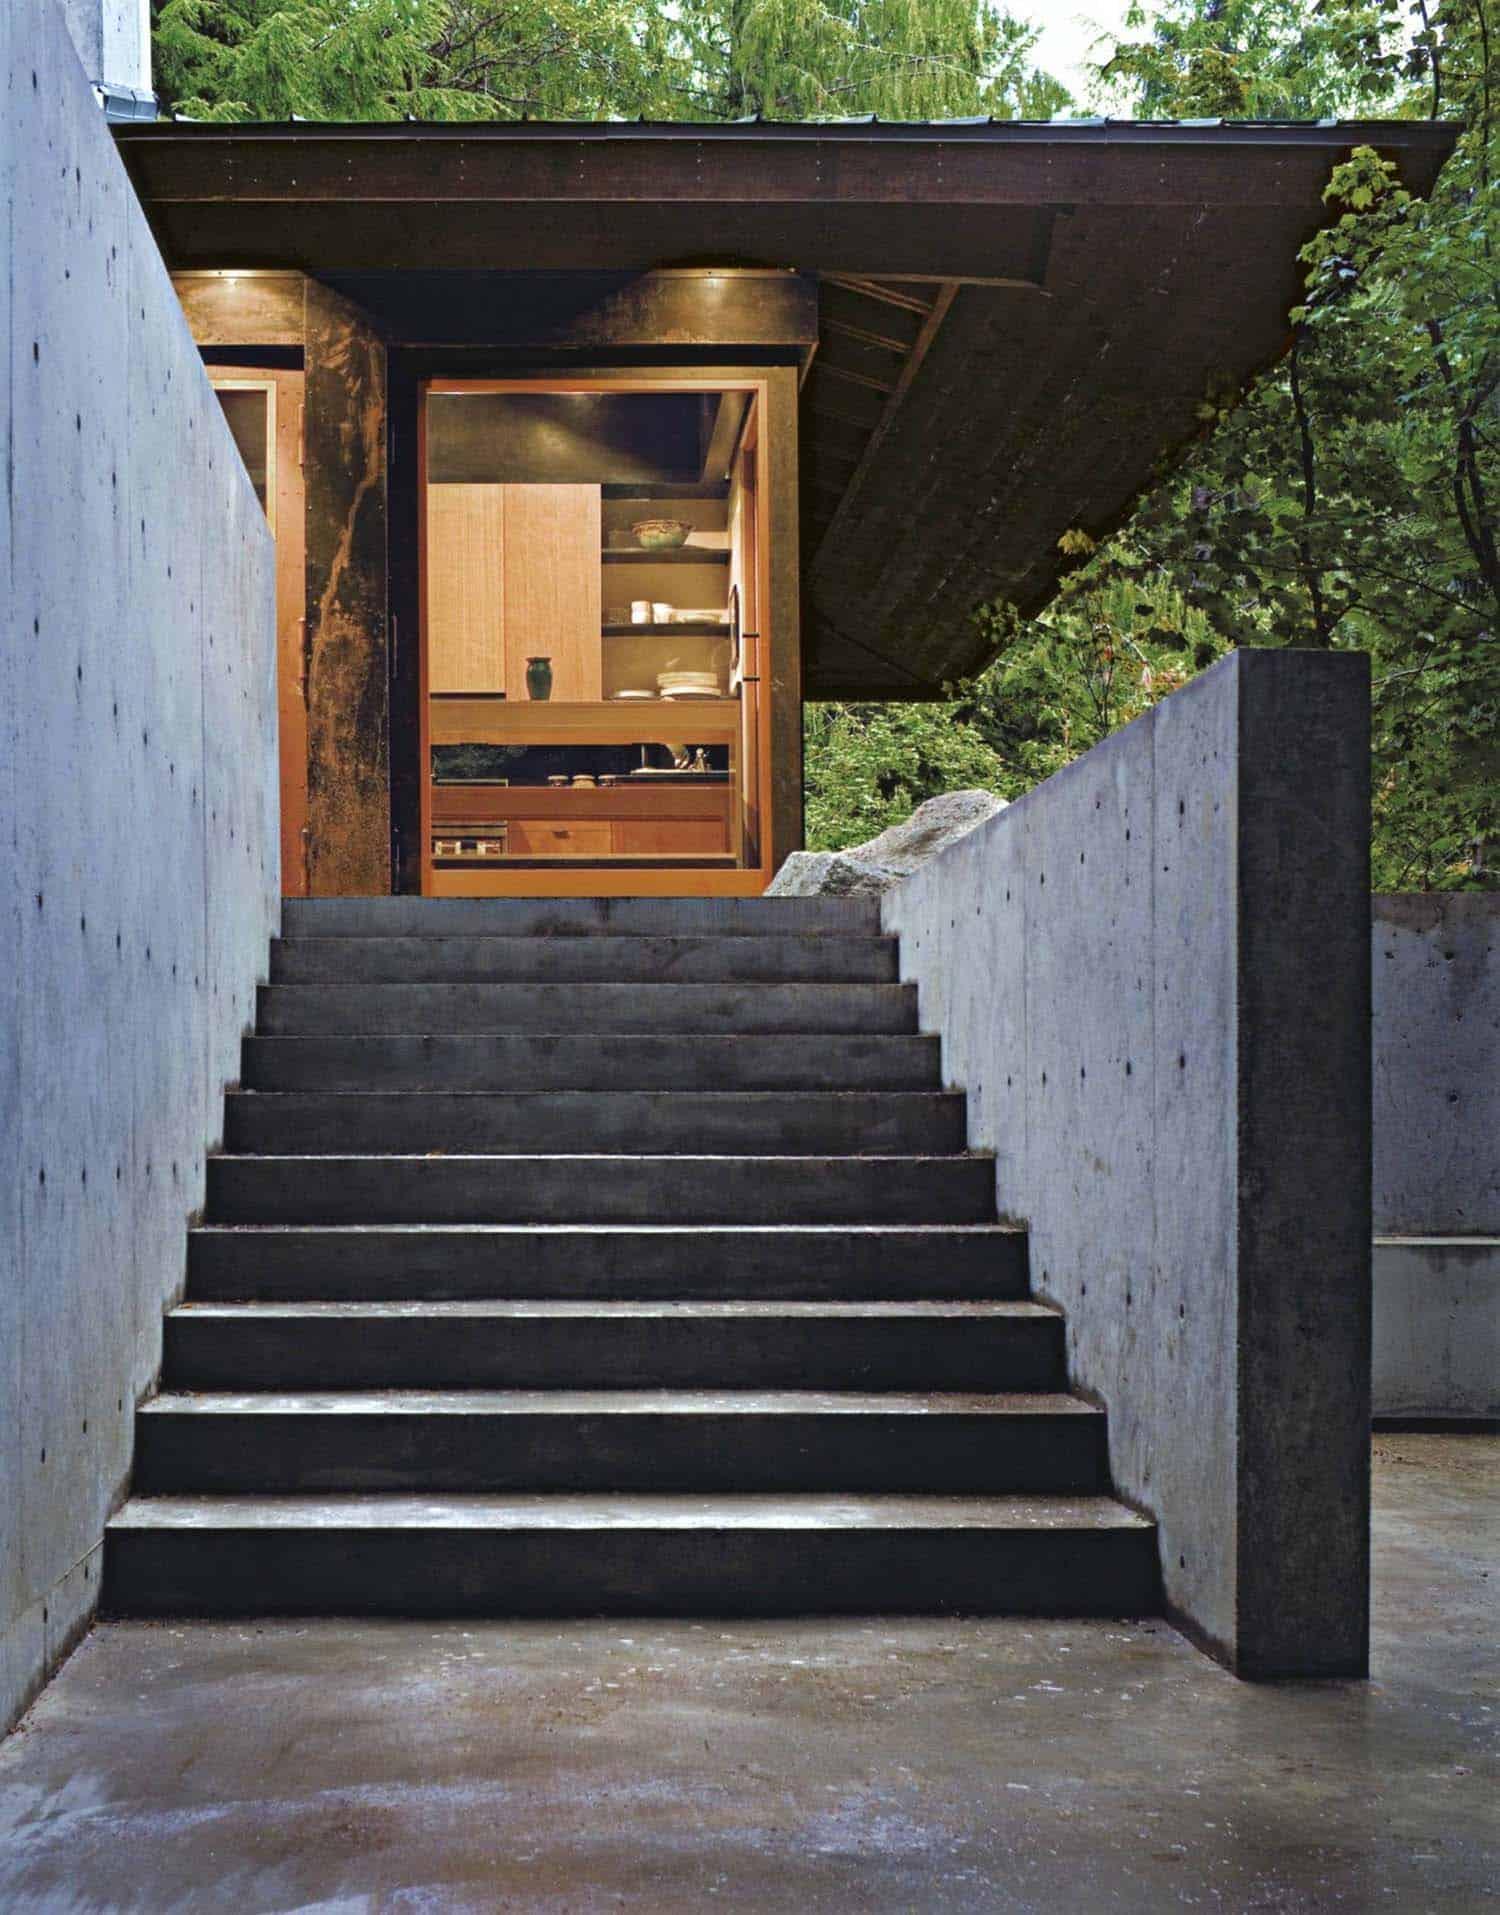 escalier-exterieur-cabine-moderne-compact